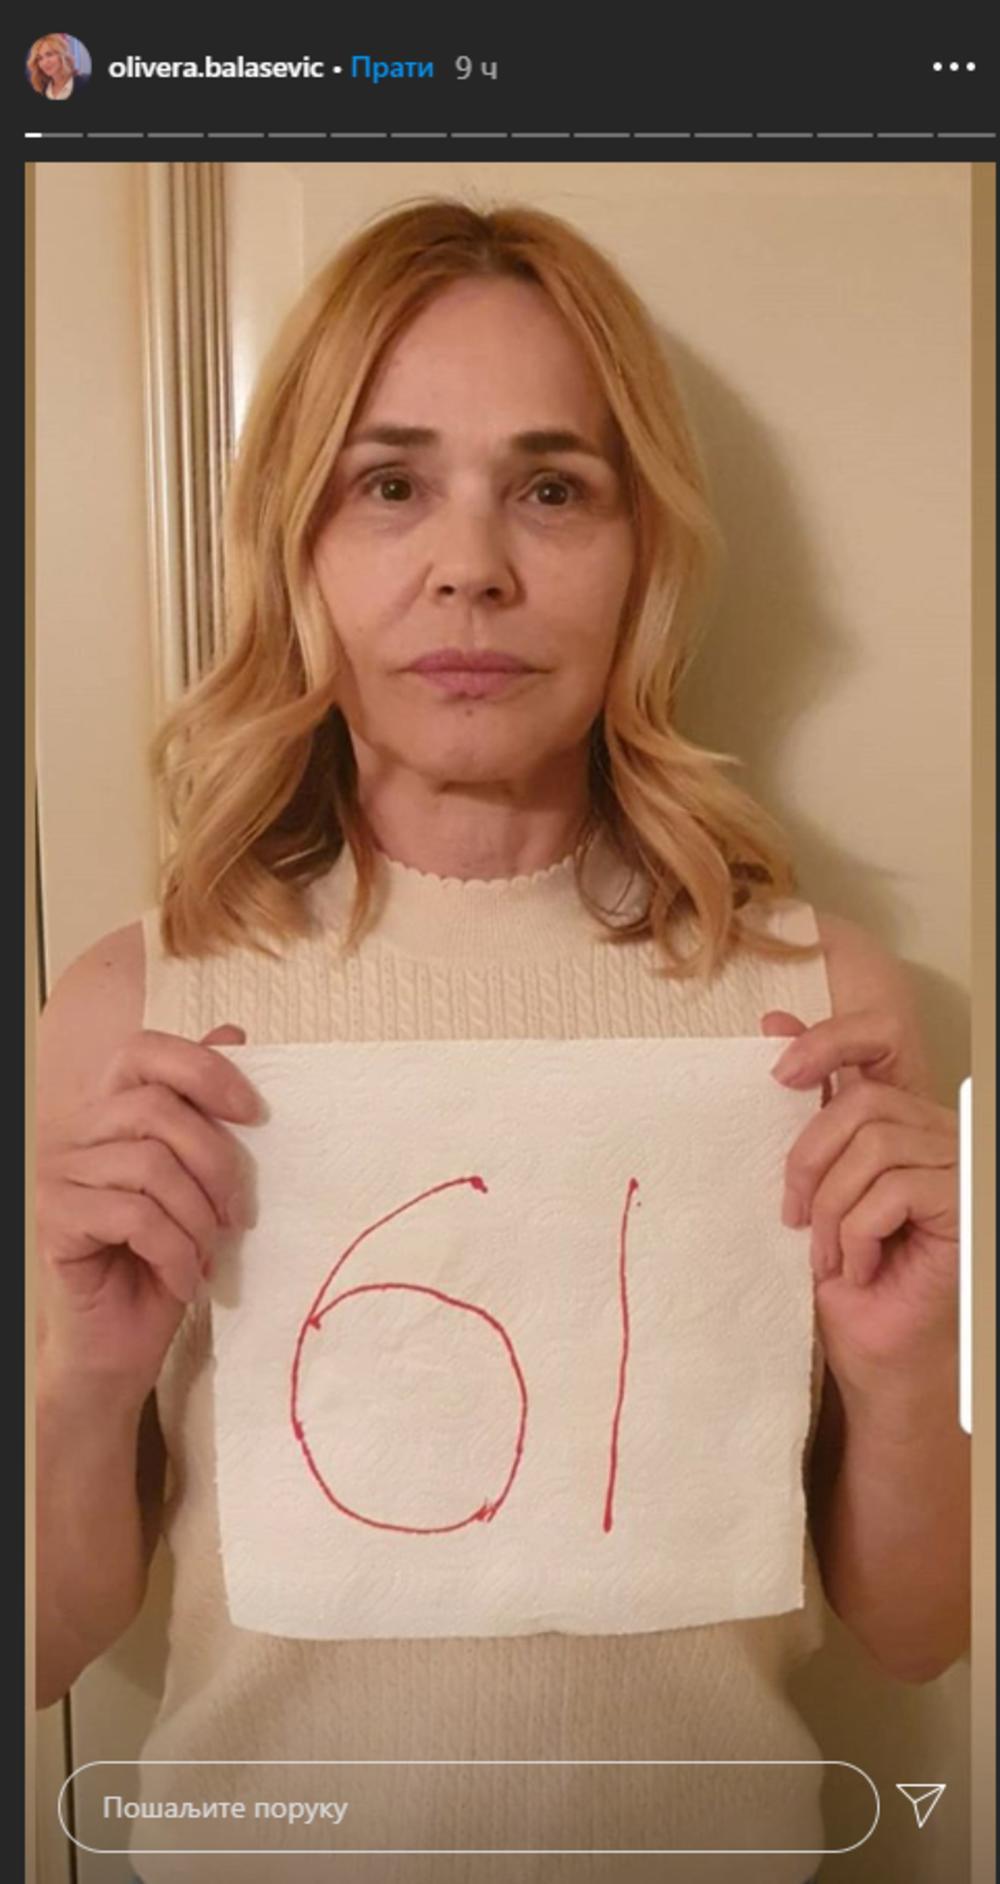 <p>Supruga Đorđa Balaševića još jednom je oduševila pratioce na društvenim mrežama</p>